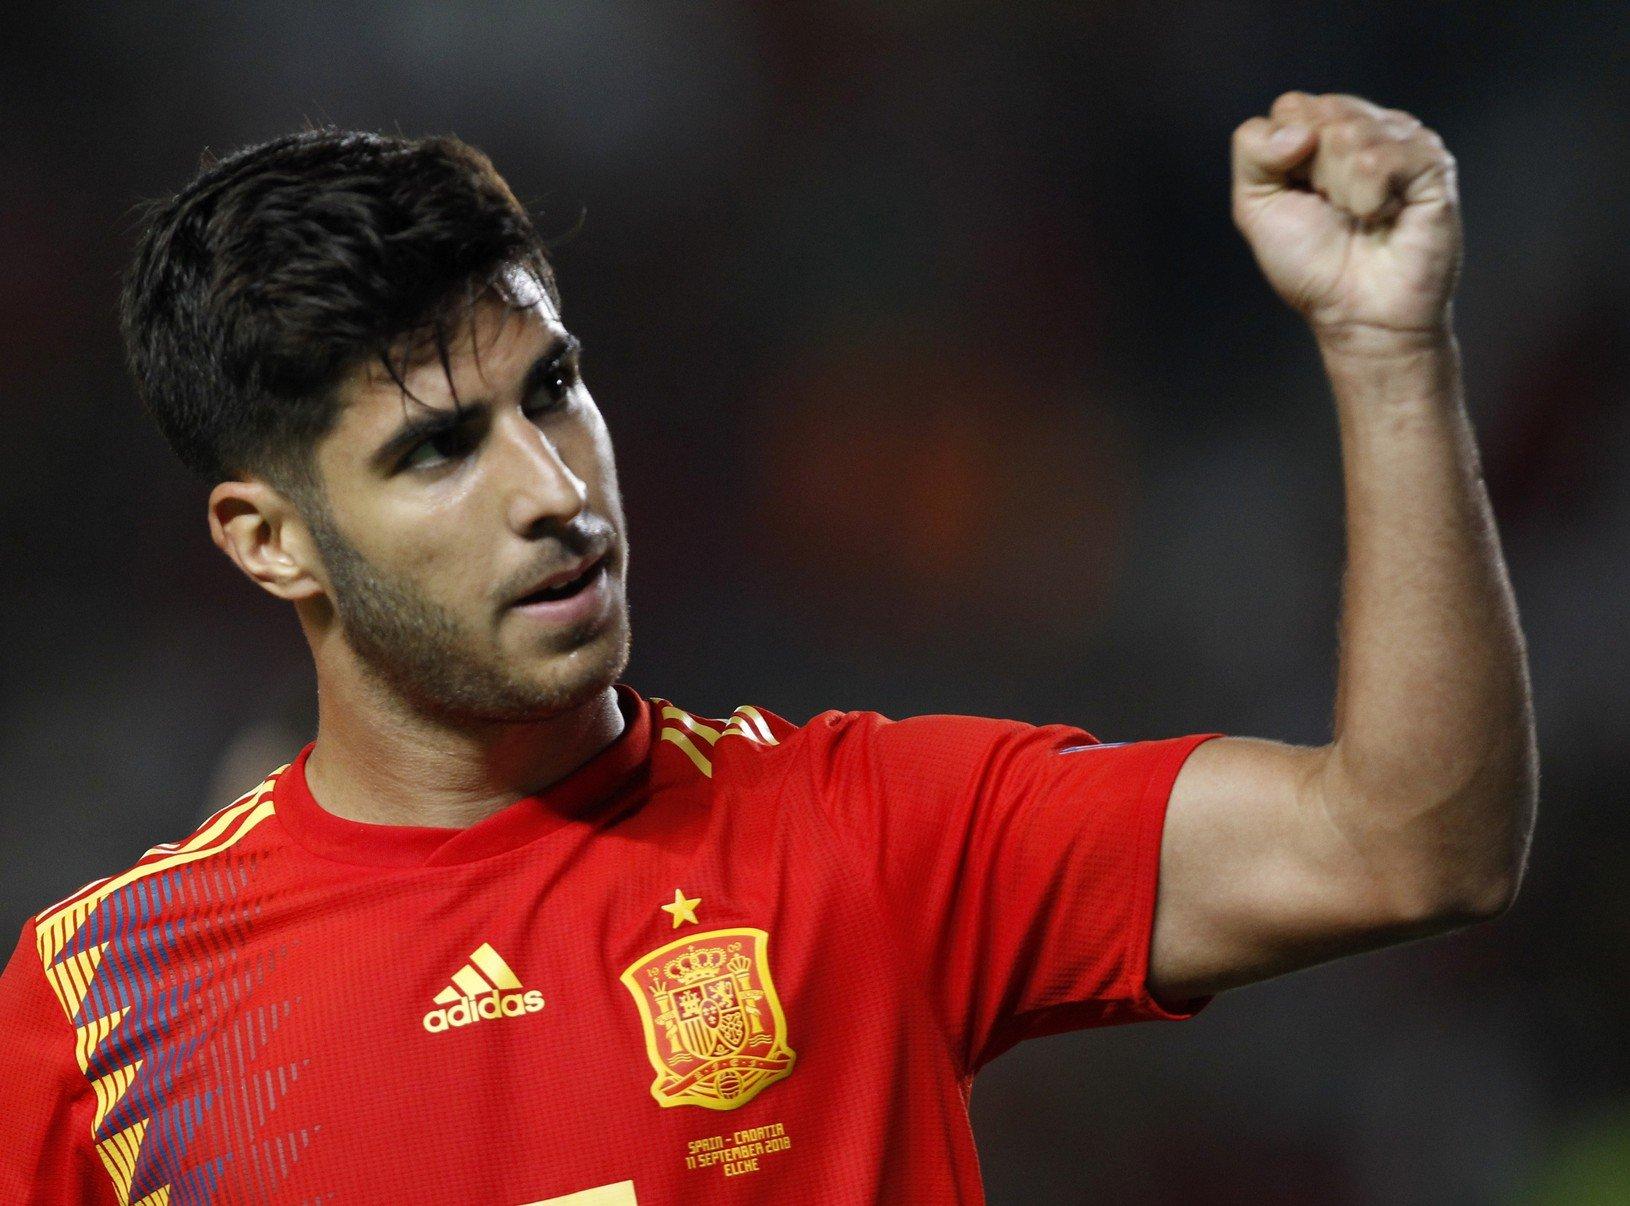 Radosť hráča Španielska Marca